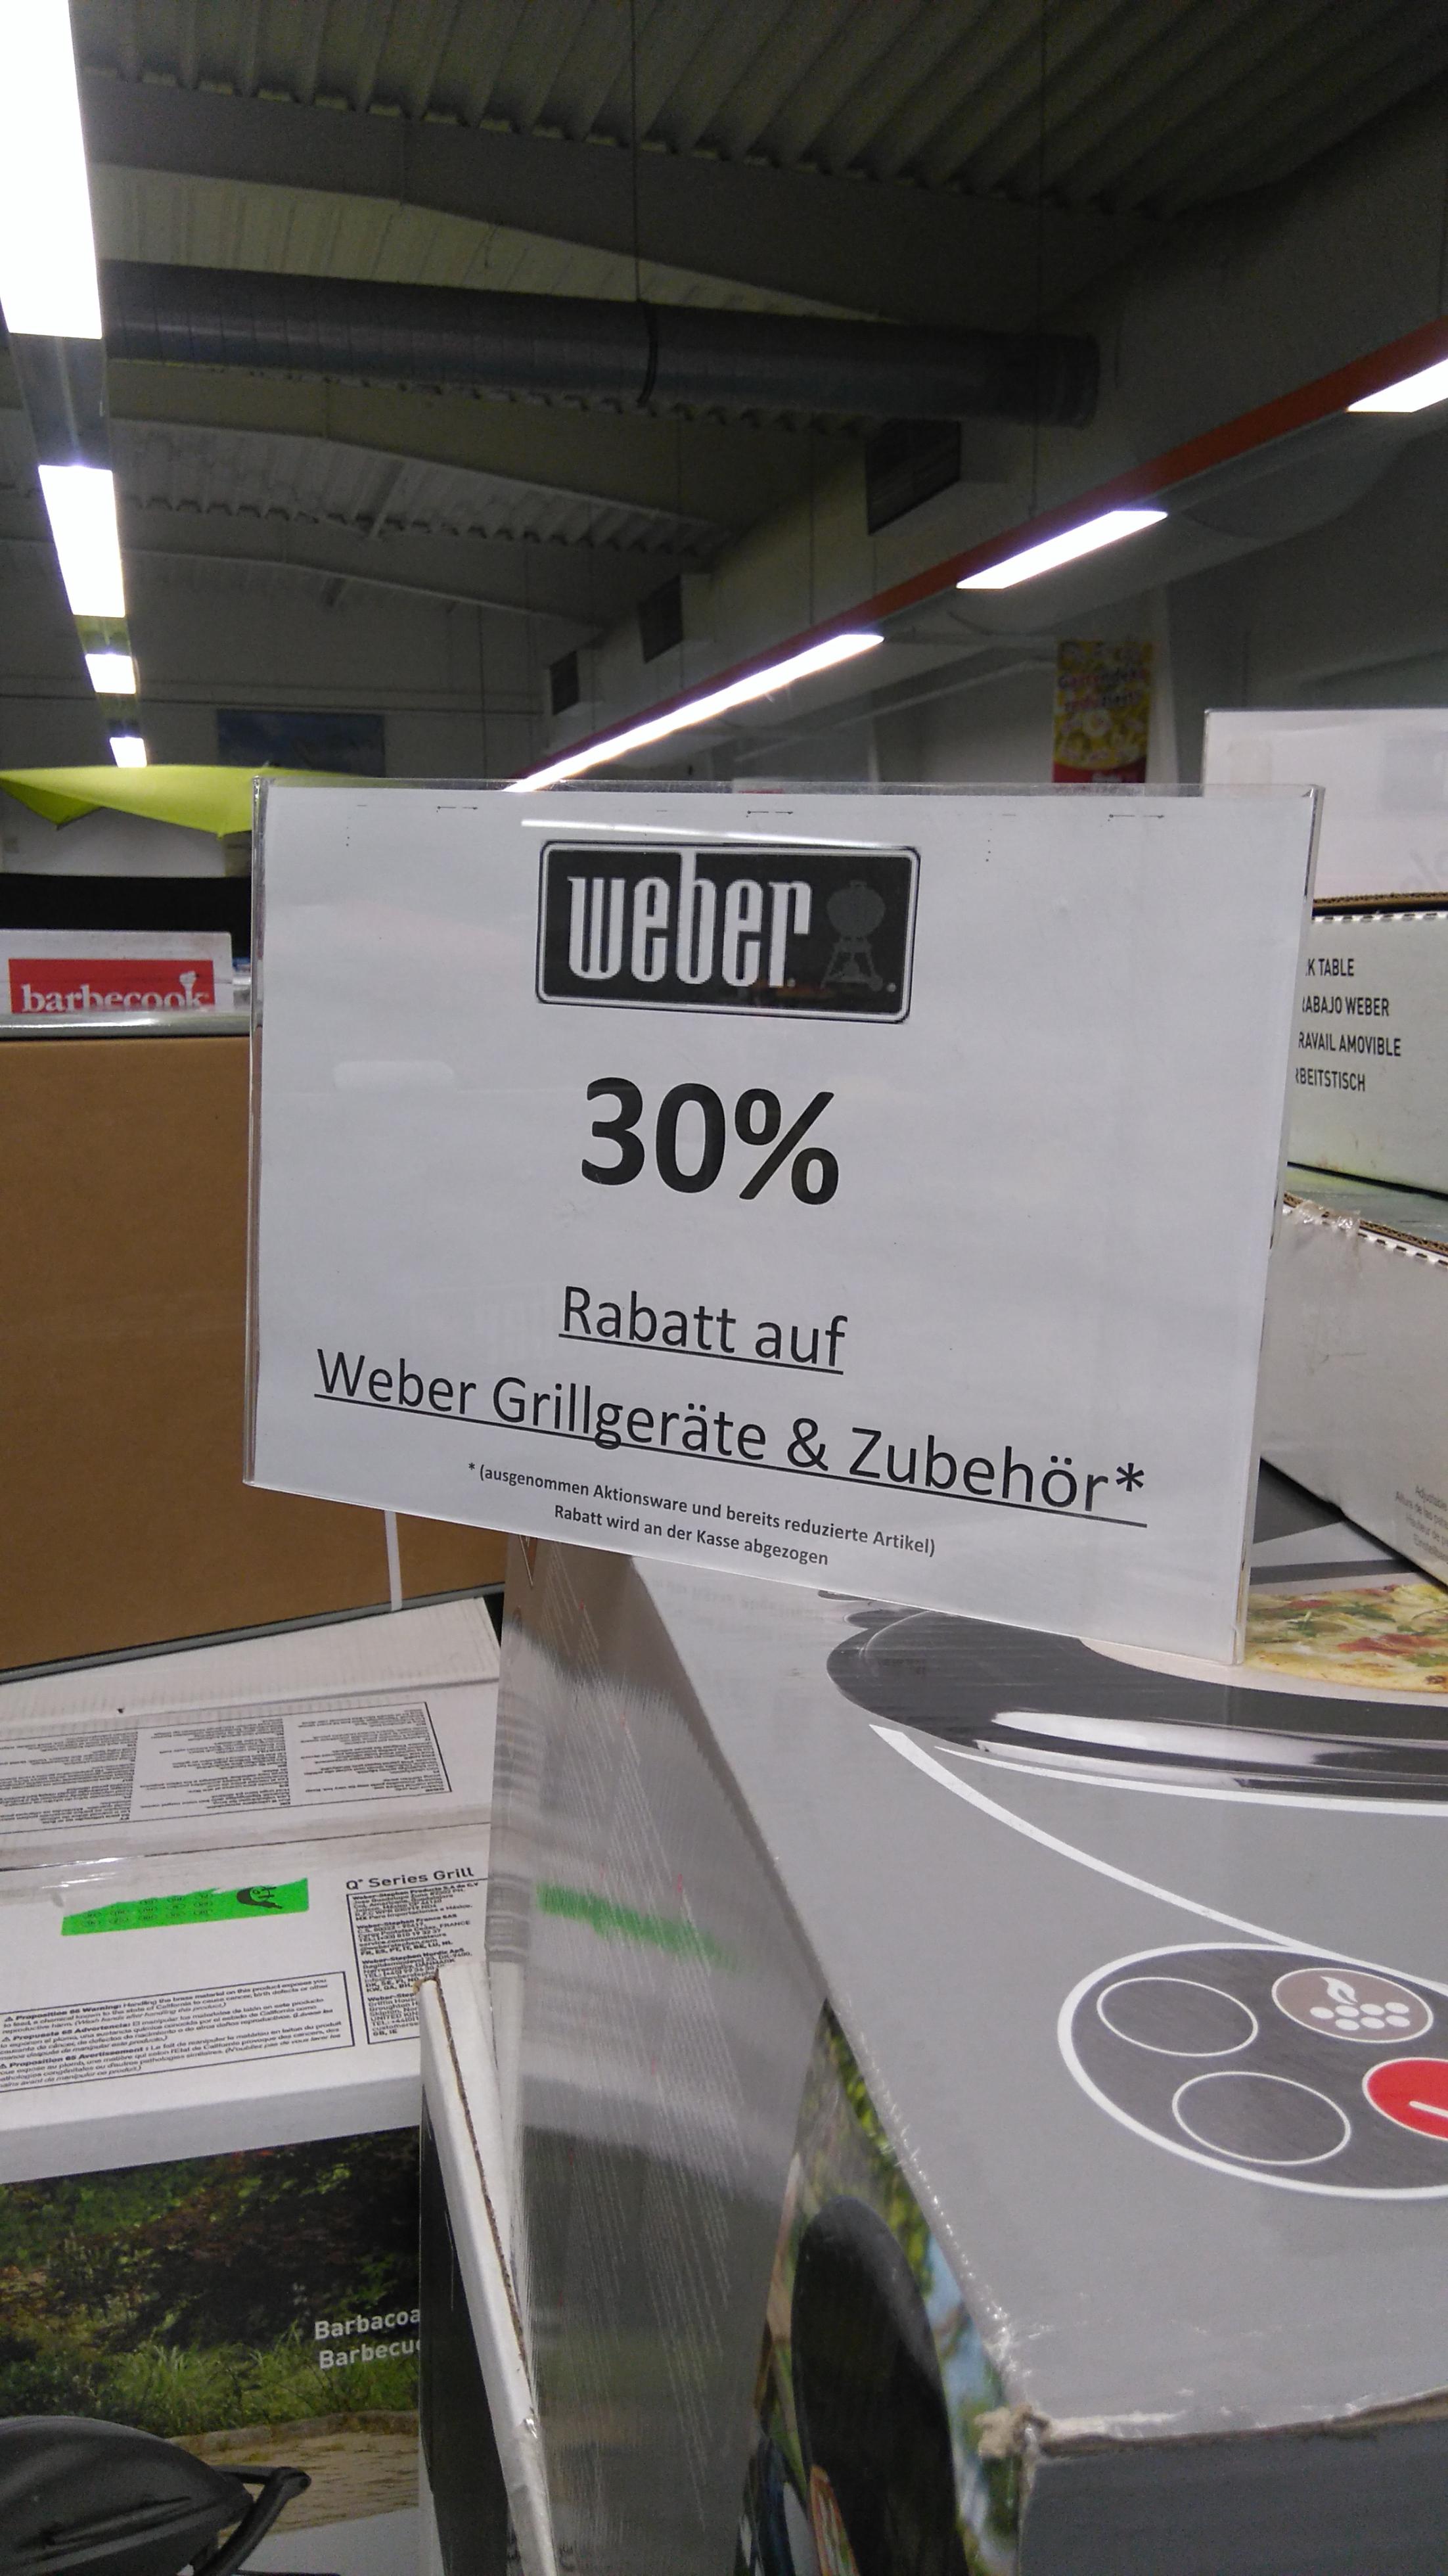 Rösle Grillkohle zero smoke 8kg und 30% auf Weber